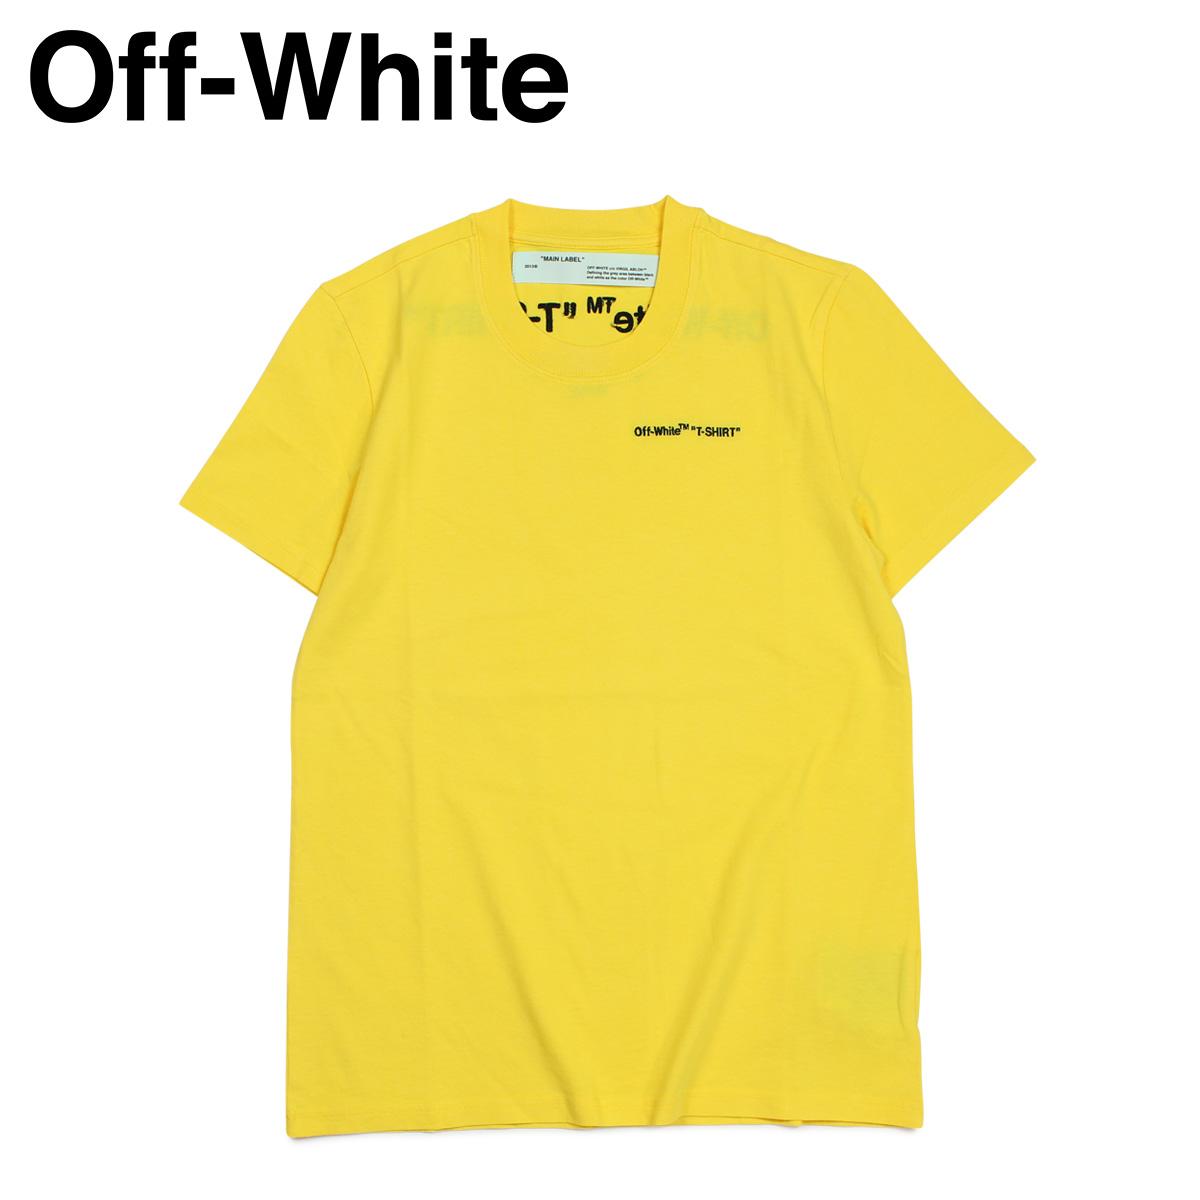 Off-white LOGO T-SHIRTS オフホワイト Tシャツ 半袖 レディース メンズ イエロー OWAA049 B07034